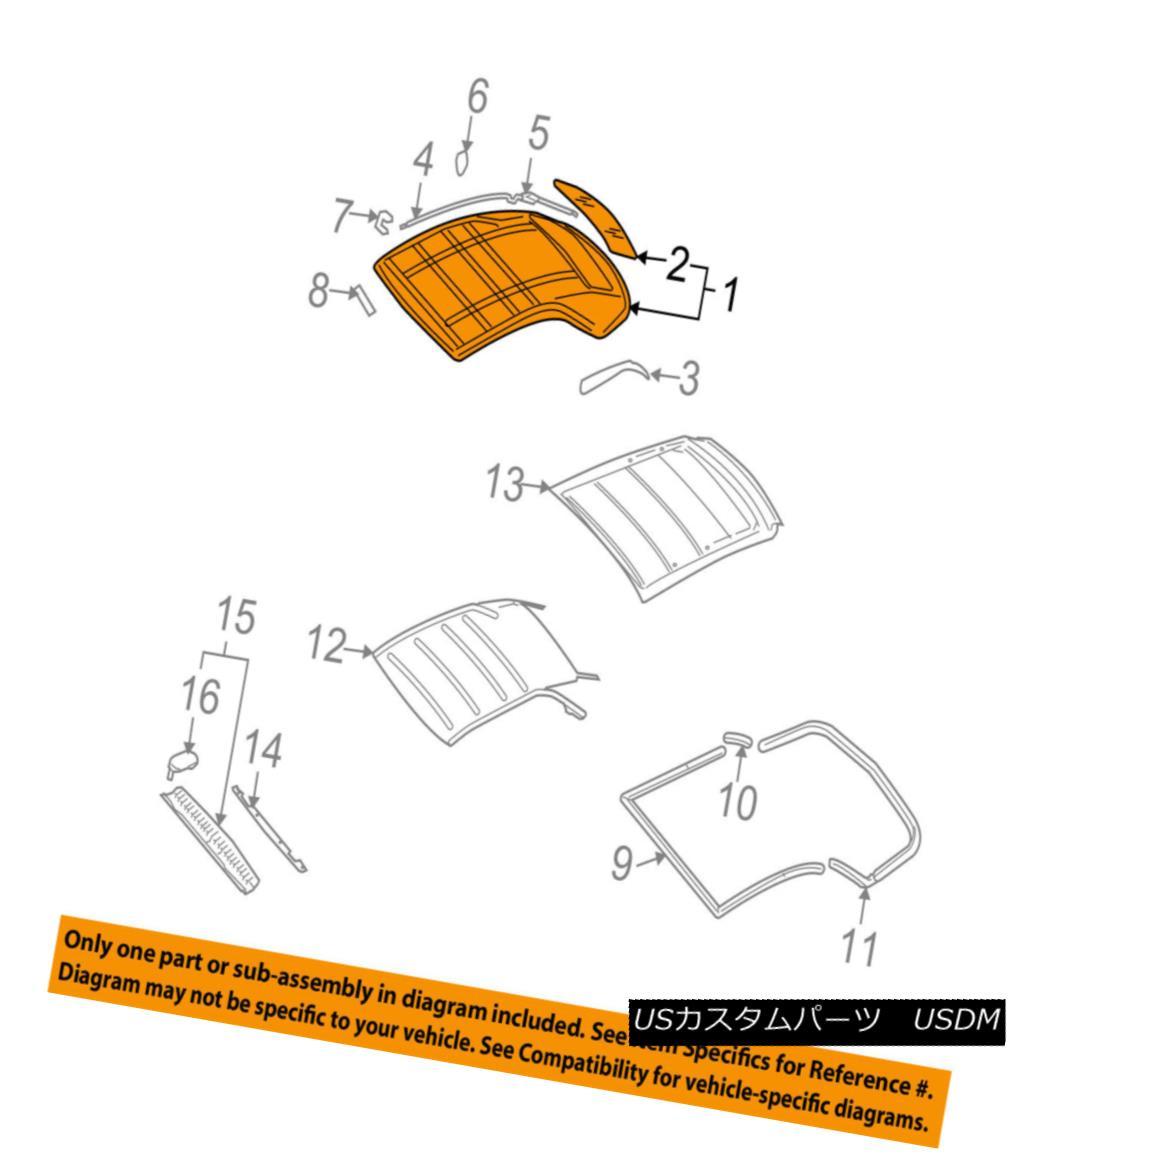 幌・ソフトトップ AUDI OEM 07-09 A4 Quattro Convertible Soft Top-Roof Assy 8H0871035E7M4 アウディOEM 07-09 A4クワトロコンバーチブルソフトトップルーフアッシー8H0871035E7M4